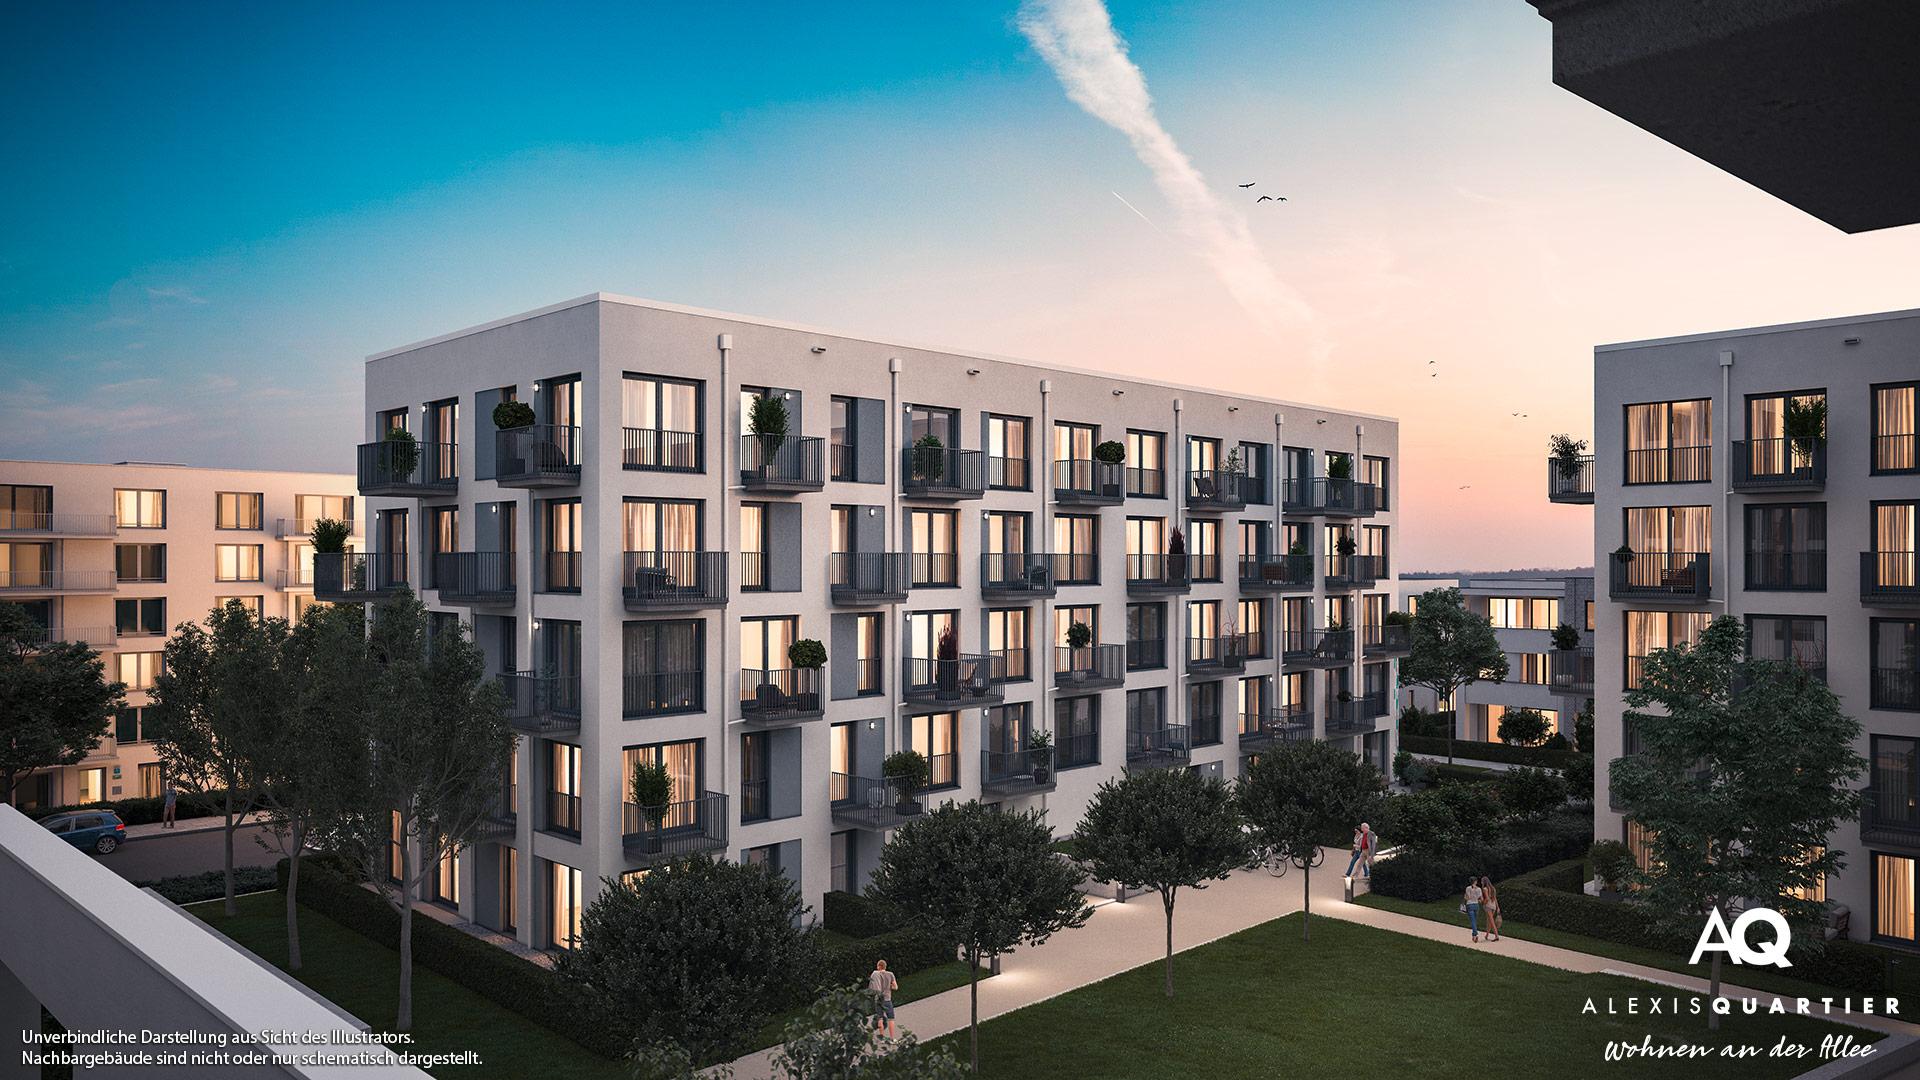 Immobilie Alexisquartier - Wohnen an der Allee - Illustration 8